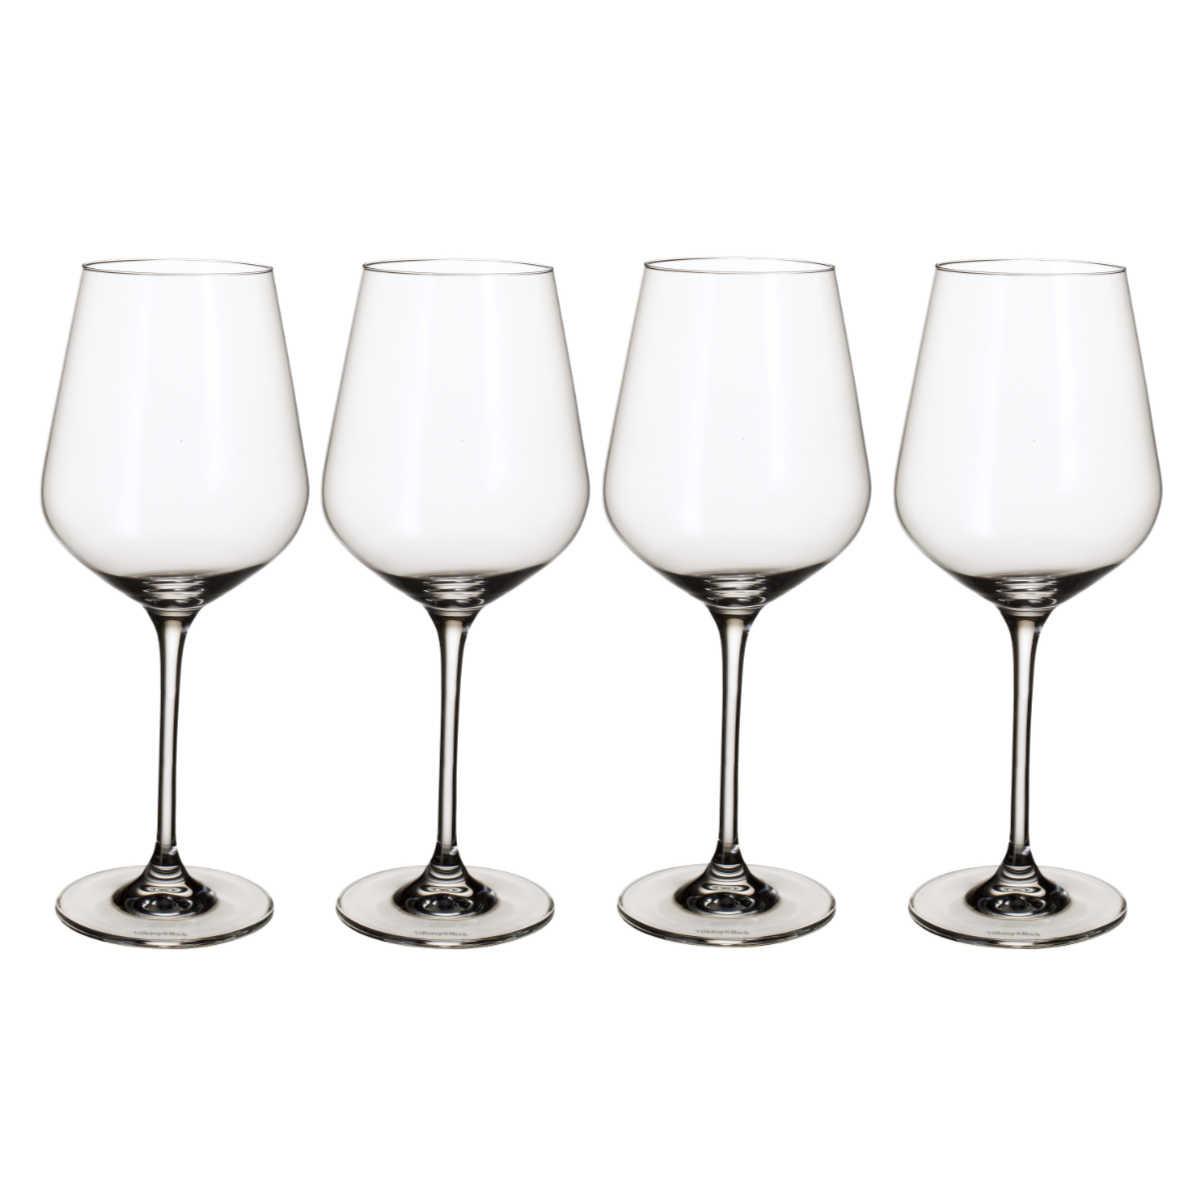 La Divina Bordeaux Goblet Set of 4 650ml